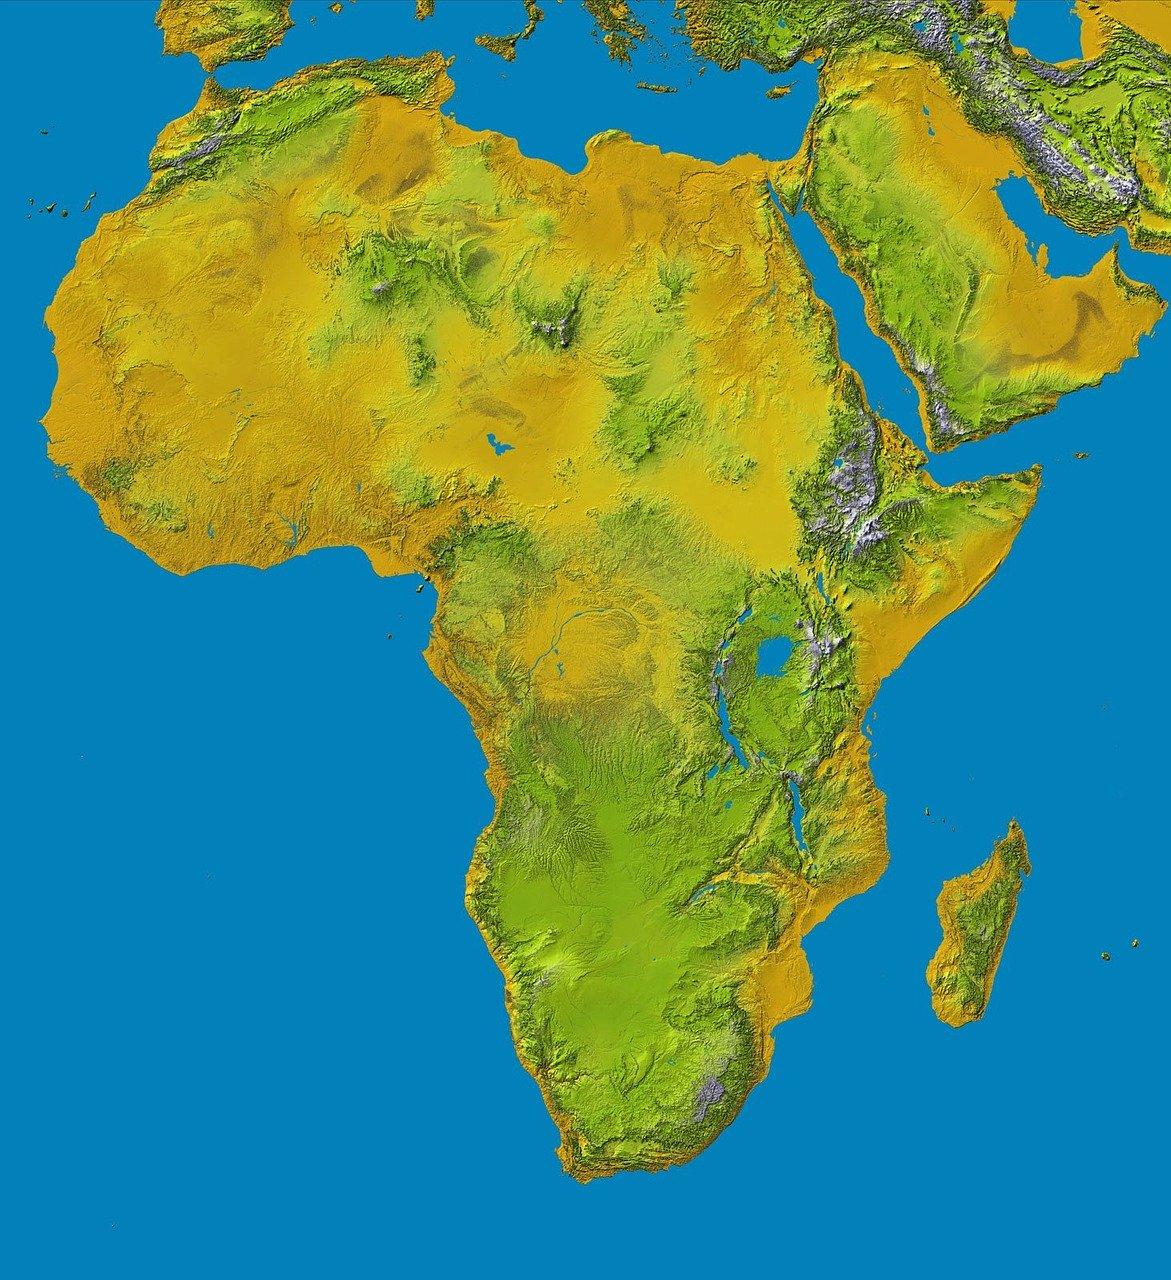 Le continent Afriquain en marge d'être parmi les laboratoires les plus influents